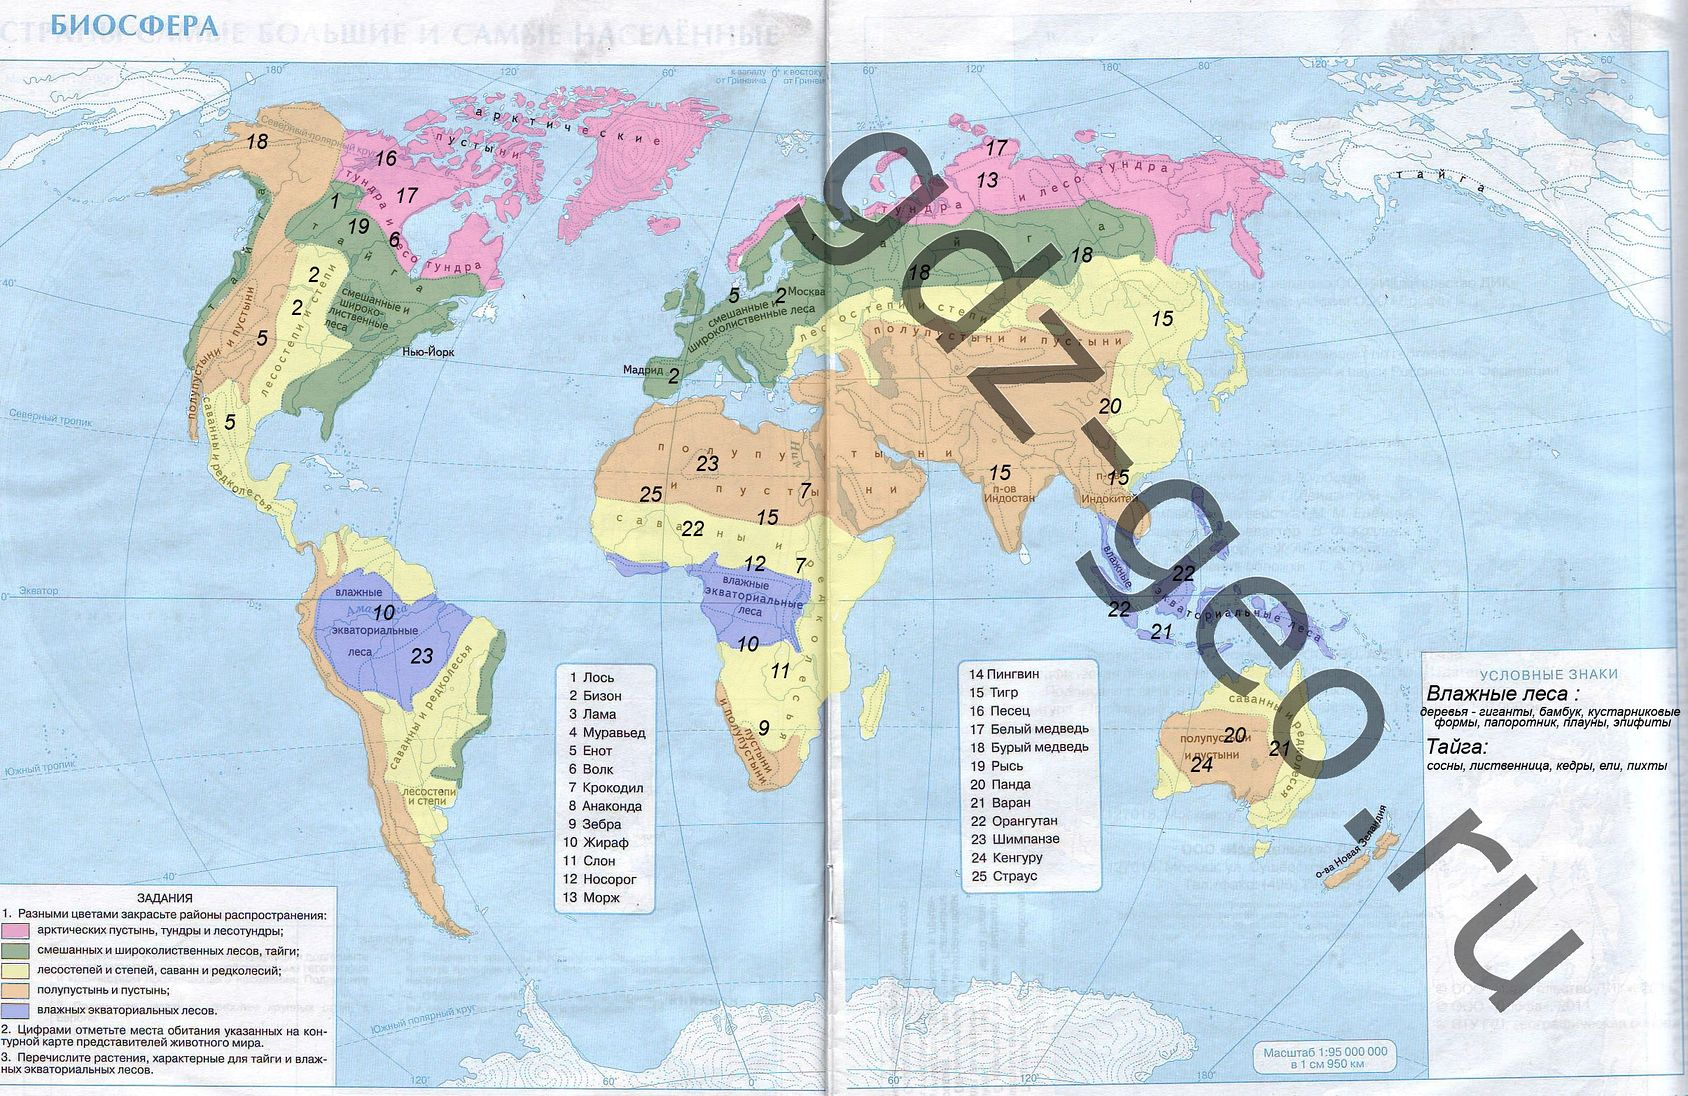 Решебник по географии 6 класс контурная карта.